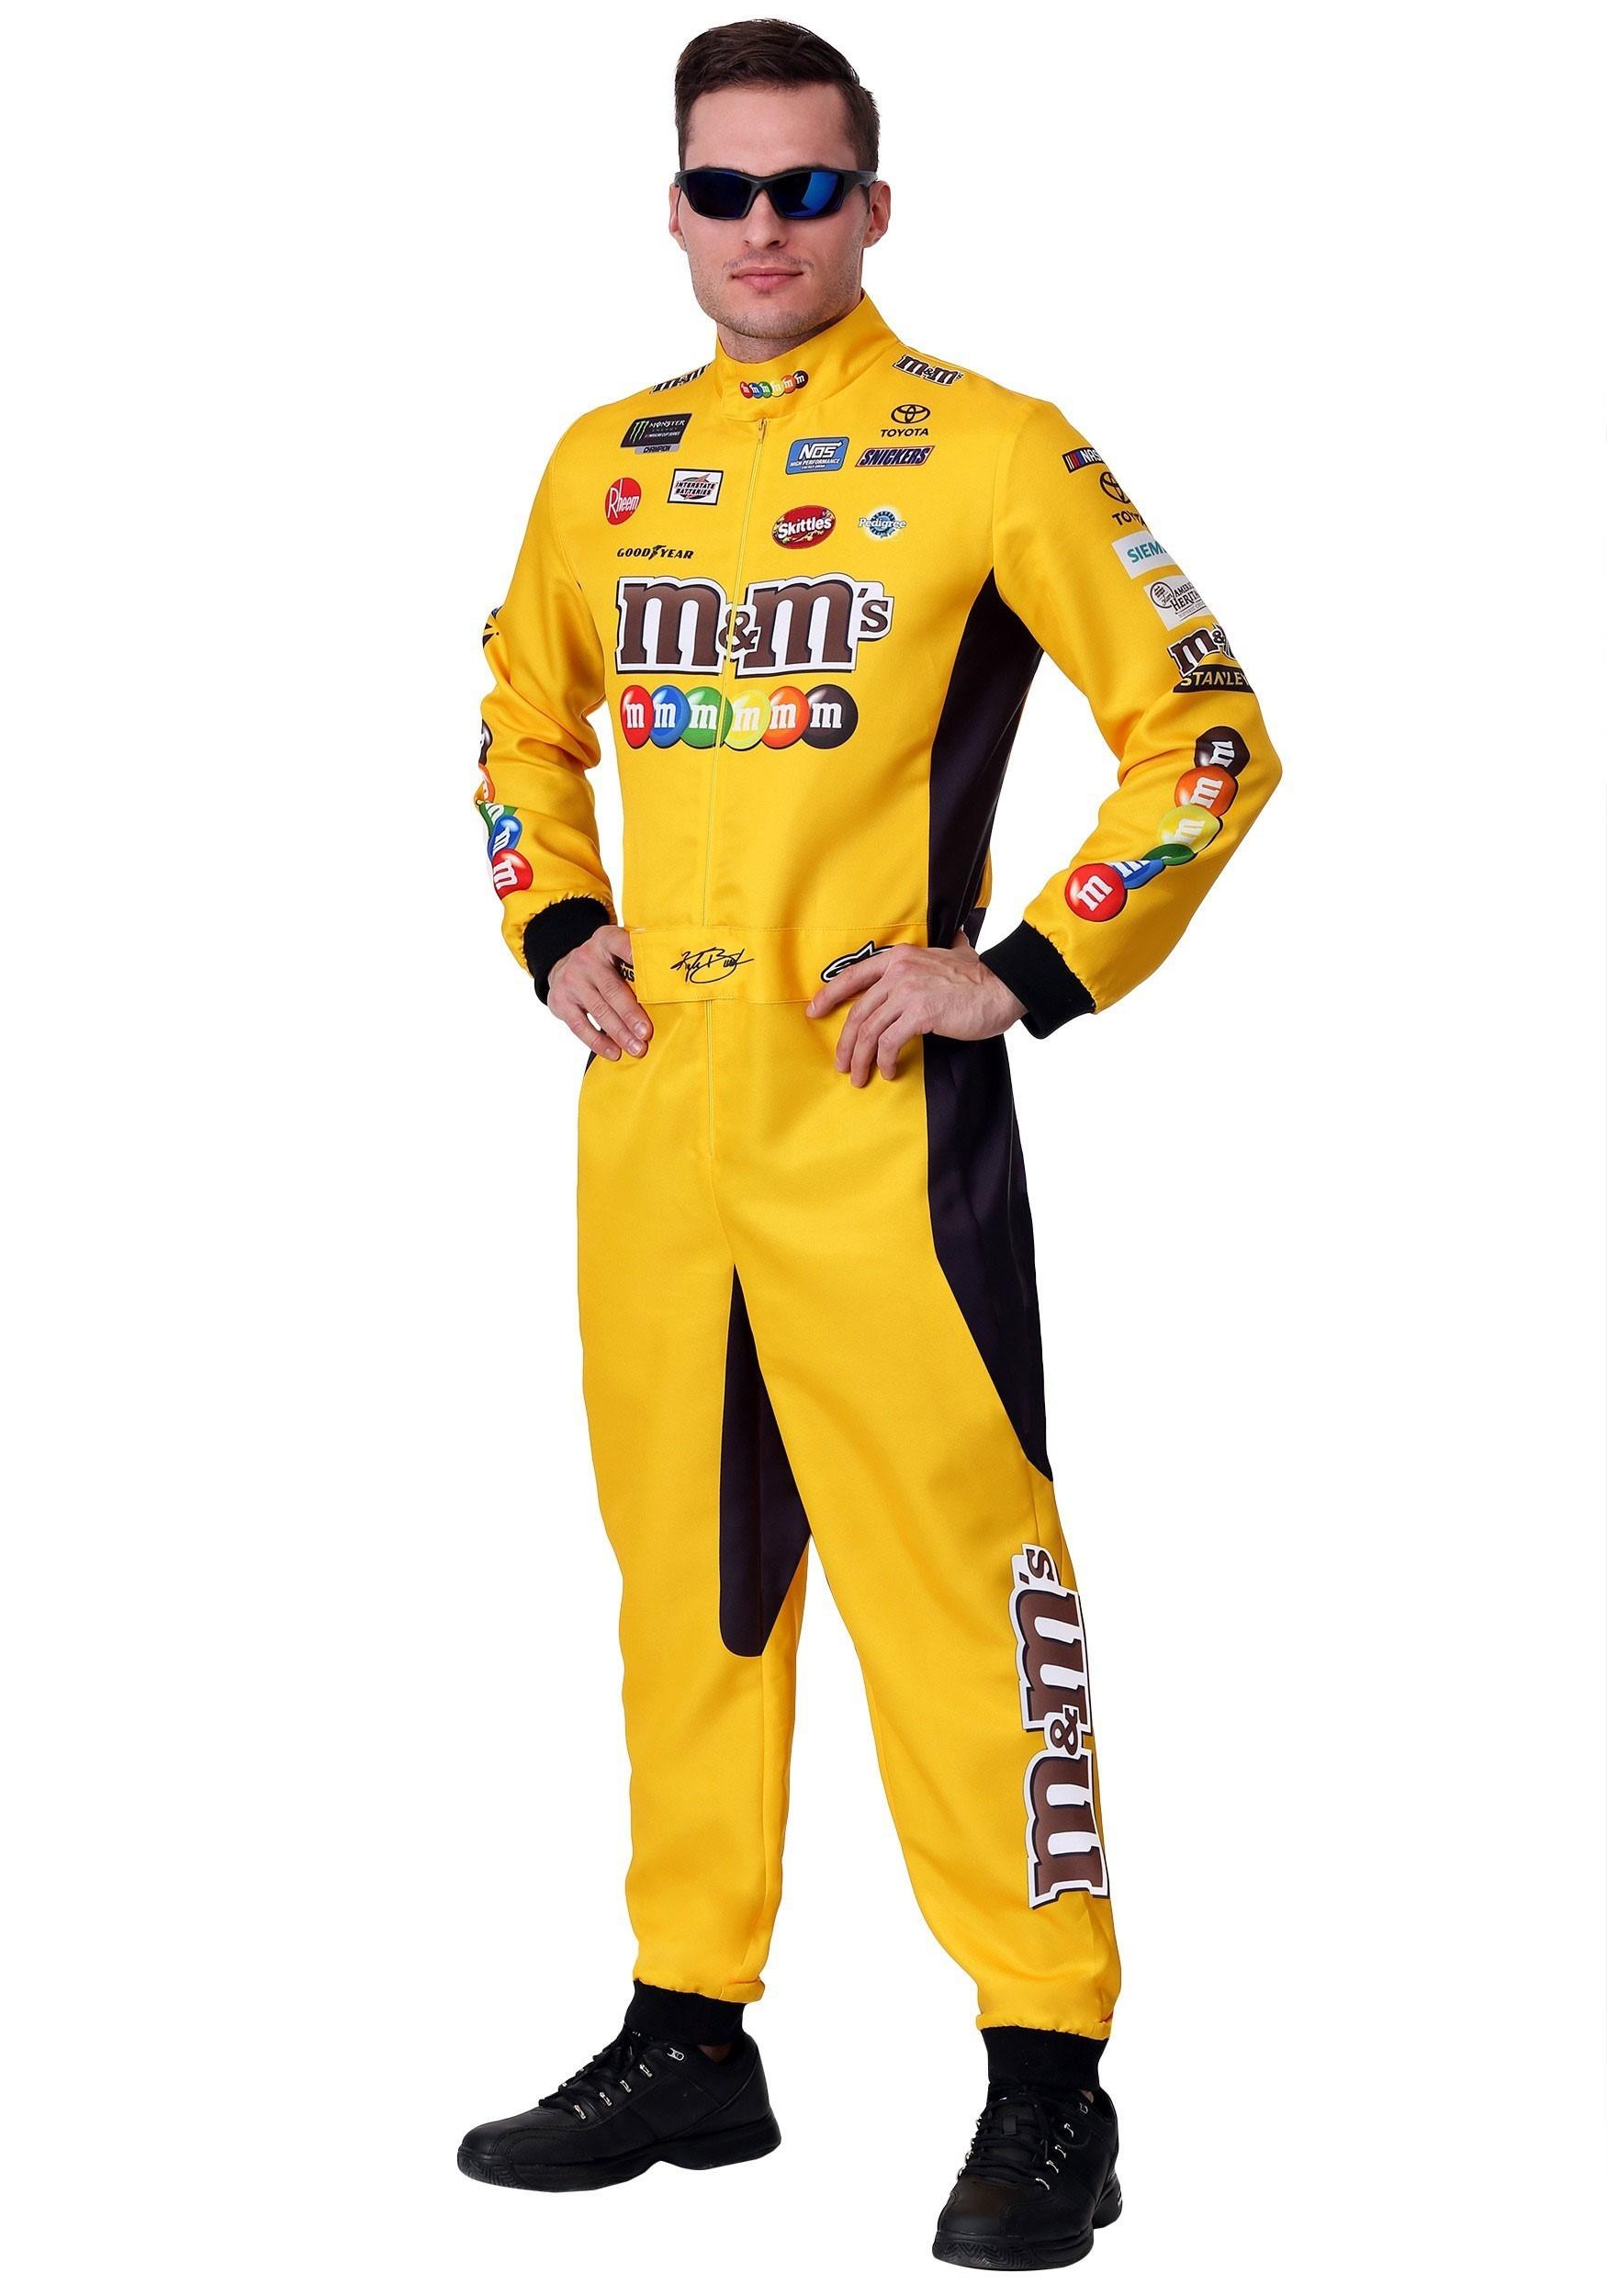 Kyle Busch Plus Size NASCAR Uniform Costume 2X